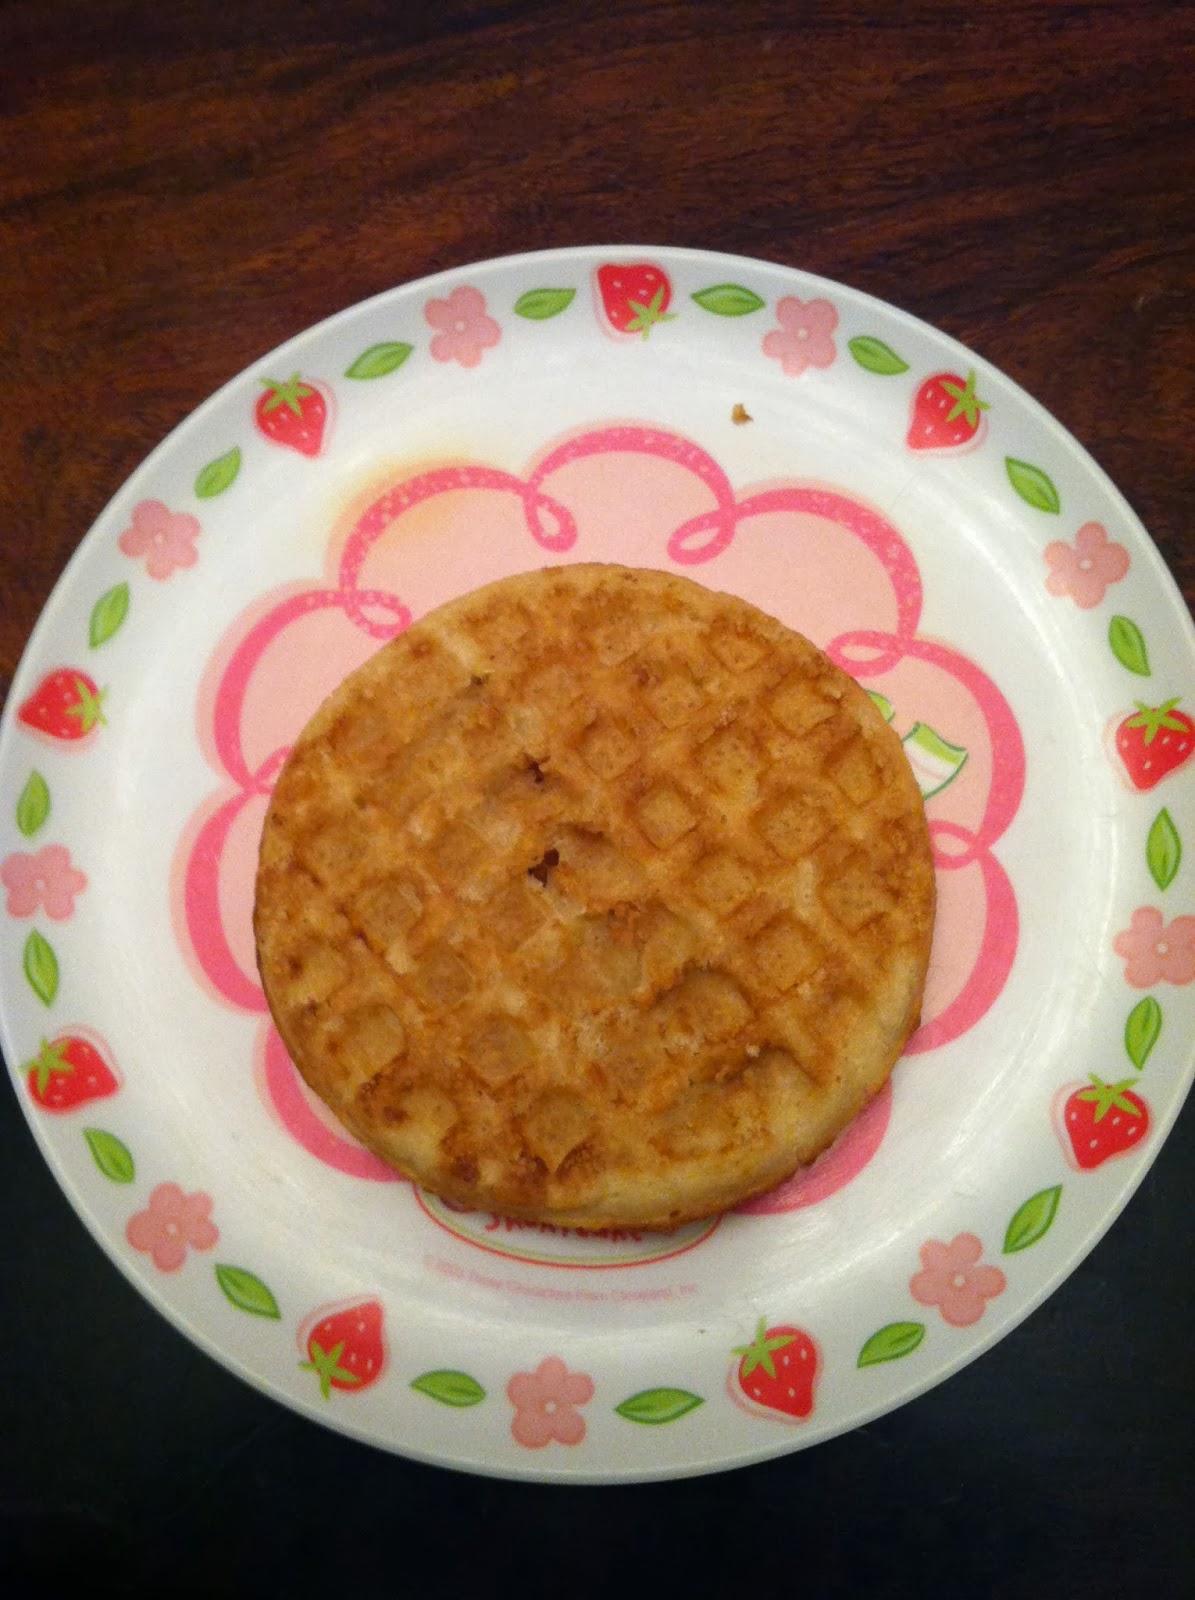 how to make eggo waffles taste better